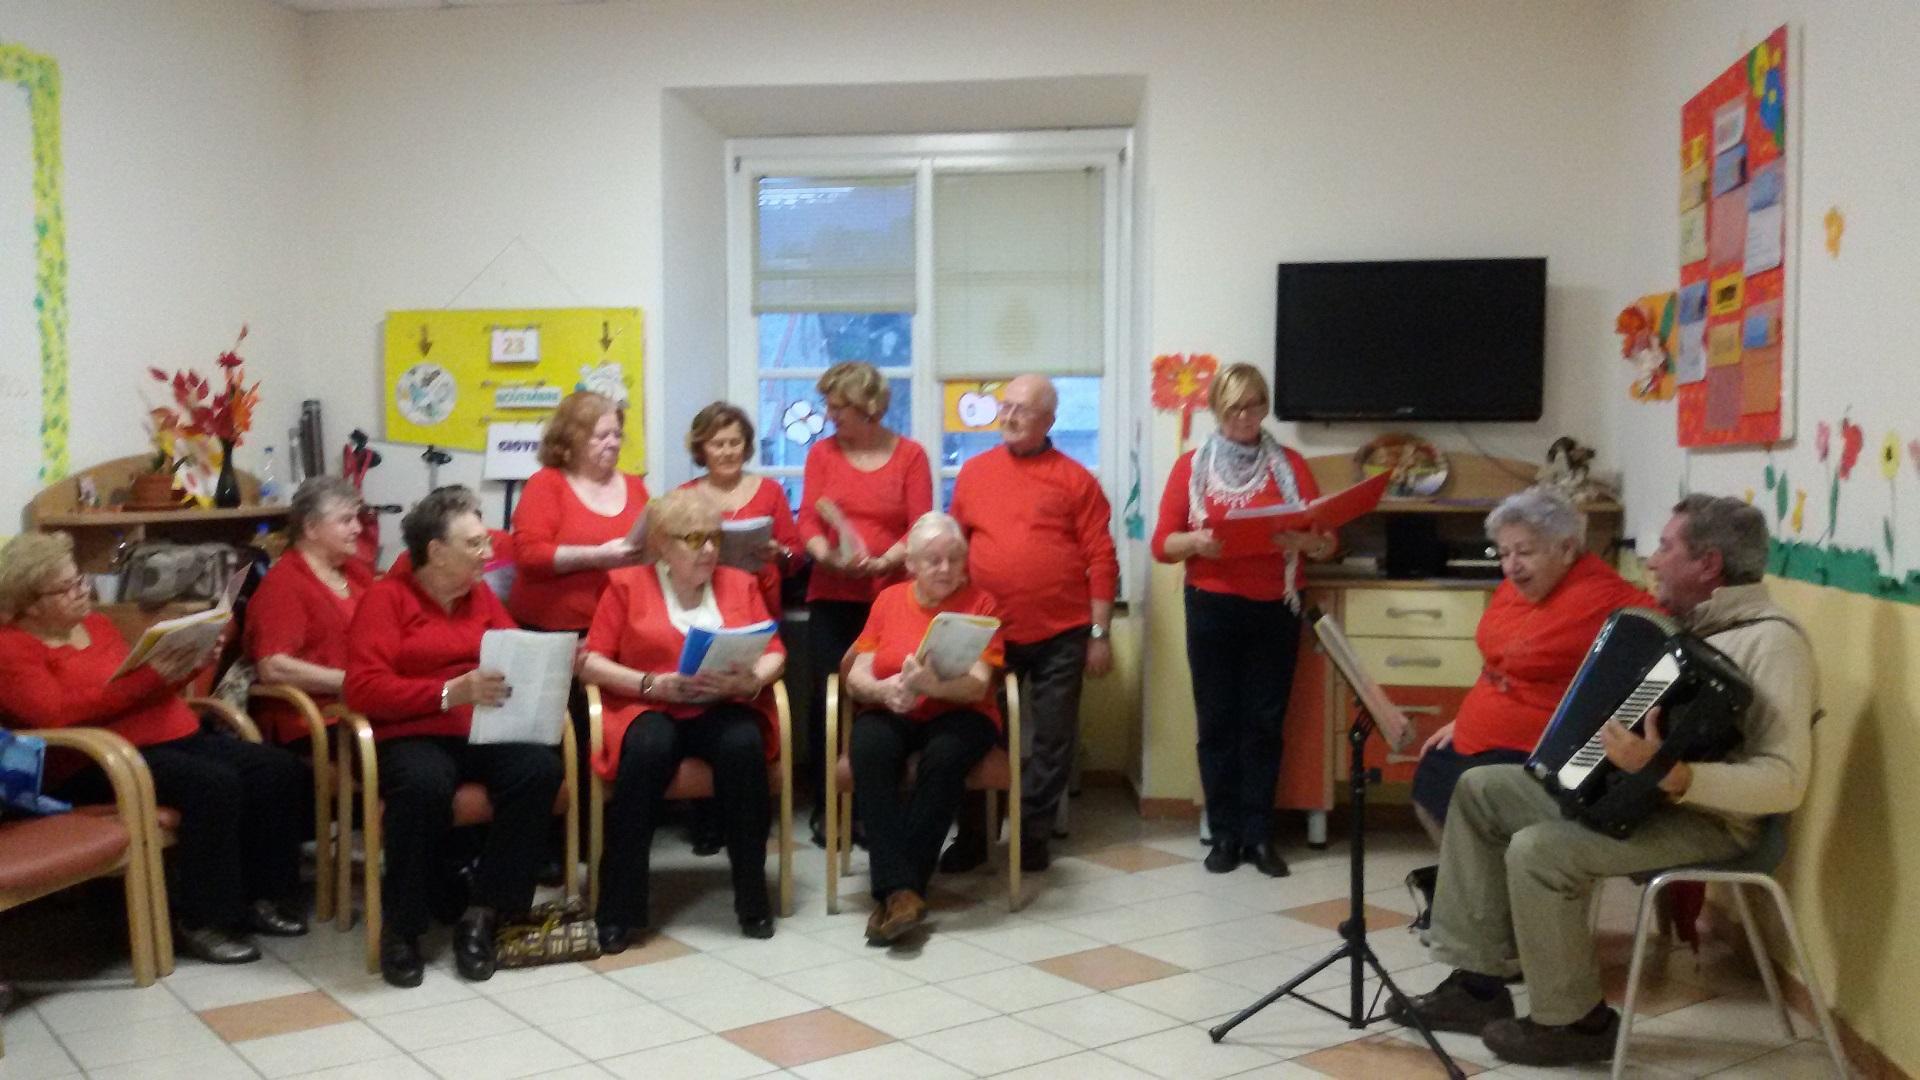 Gli Allegri Cantauserini Residenza Sanitaria Assistenziale Santuario | Opere Sociali Servizi